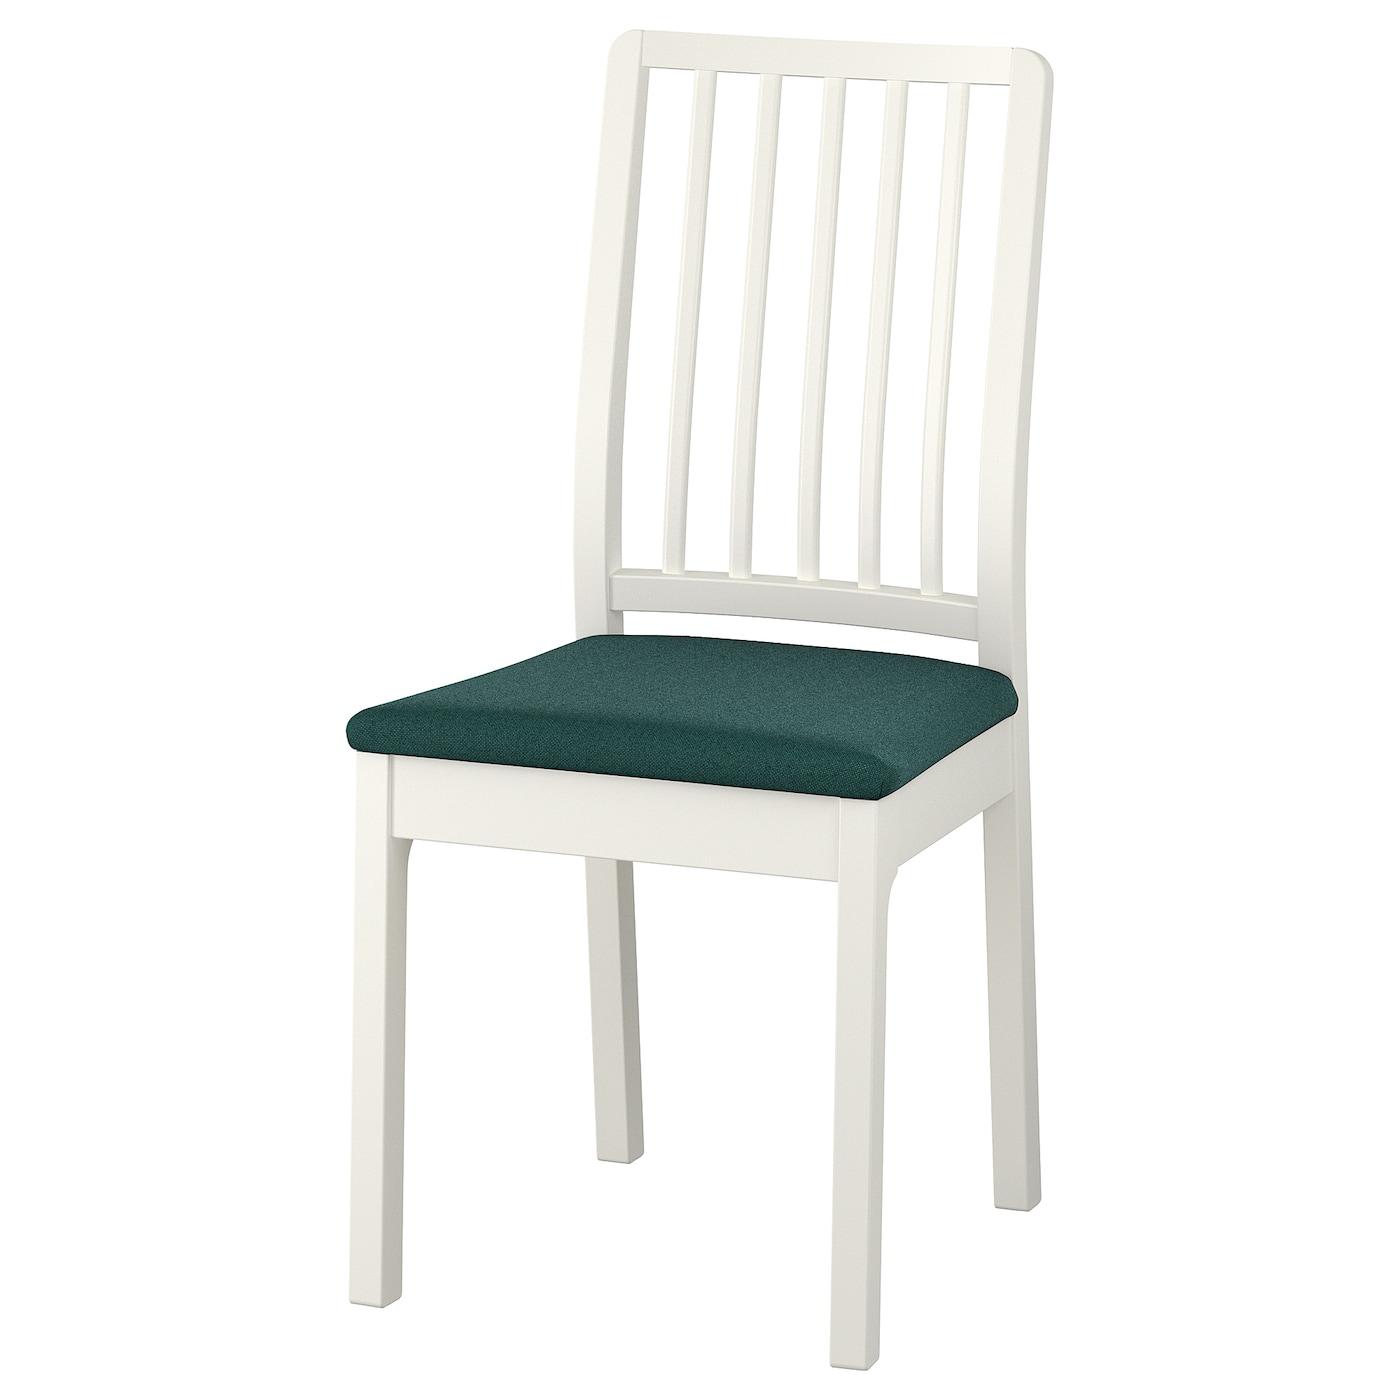 Witte Eetkamerstoelen Met Armleuning.Eetkamerstoelen Ikea